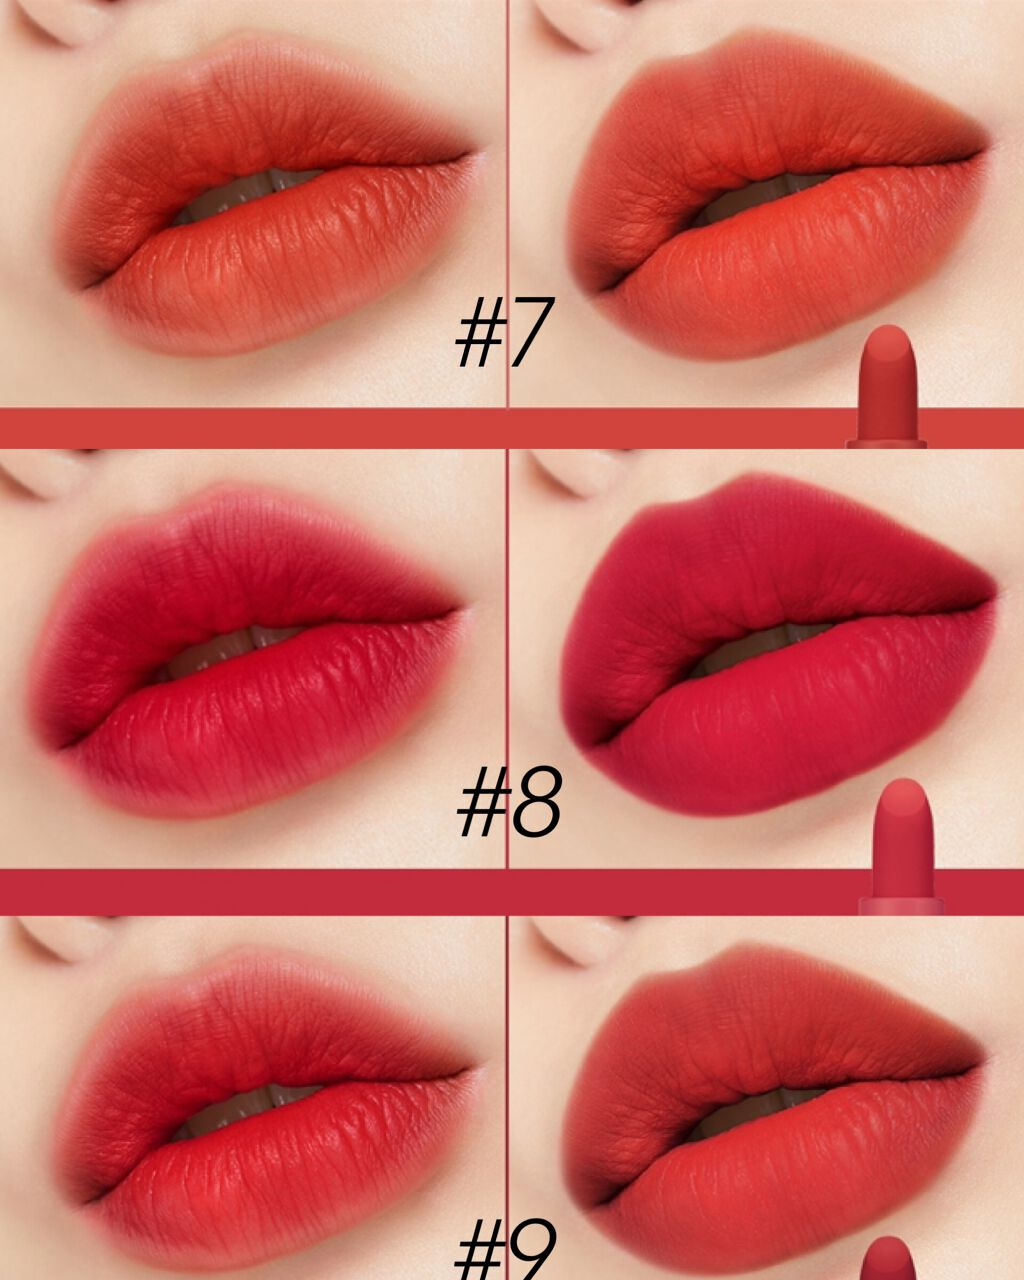 https://cdn.lipscosme.com/image/9001c9a02b47d65a3d644557-1606391190-thumb.png